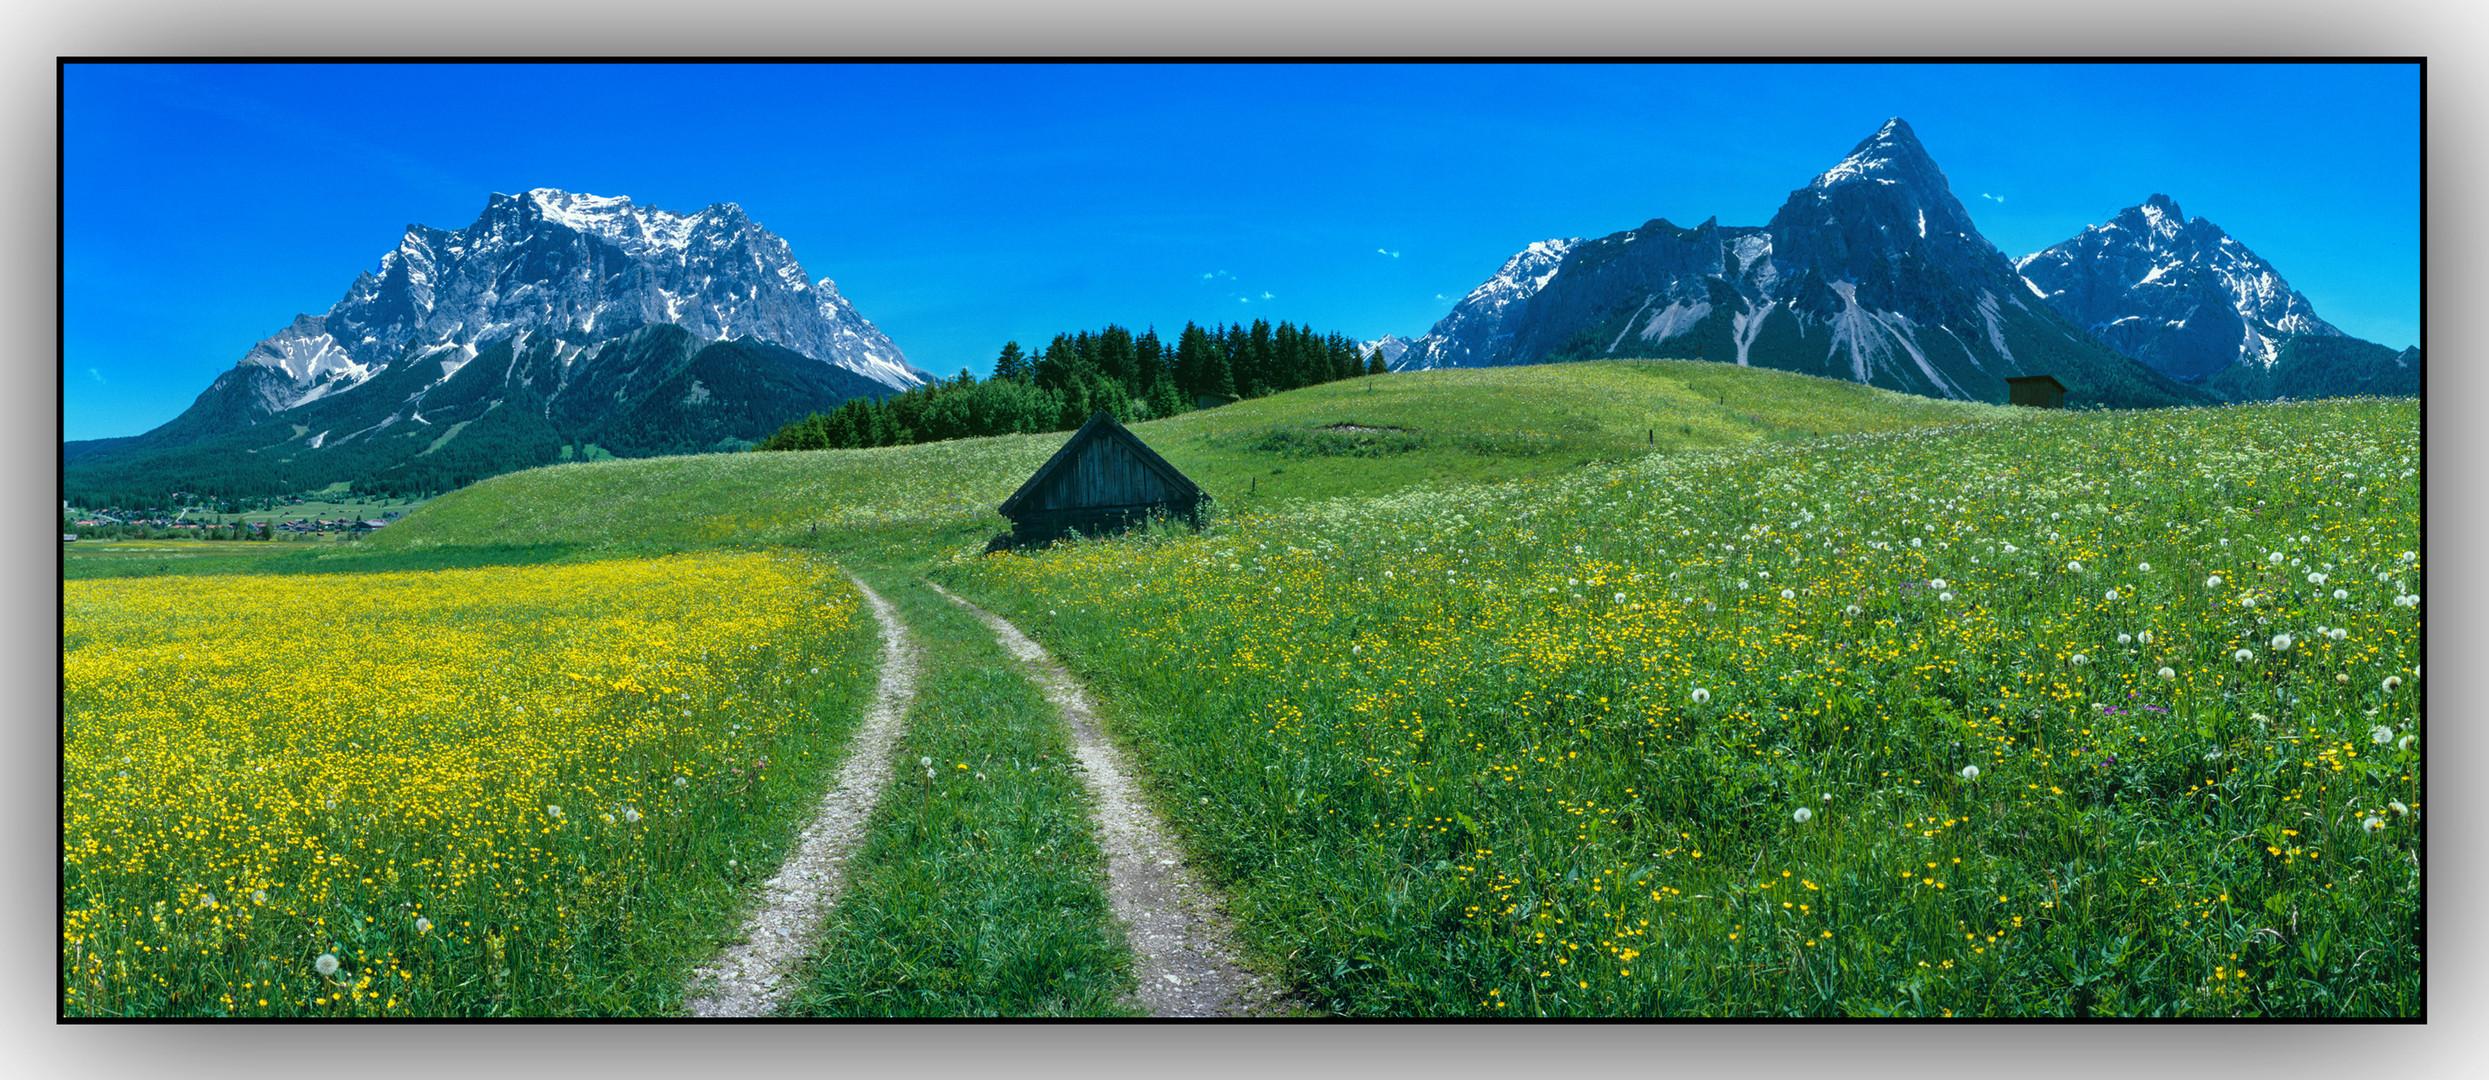 Frühling im Ehrwalder Kessel-Mit Blick auf Zugspitze und Sonnenspitz